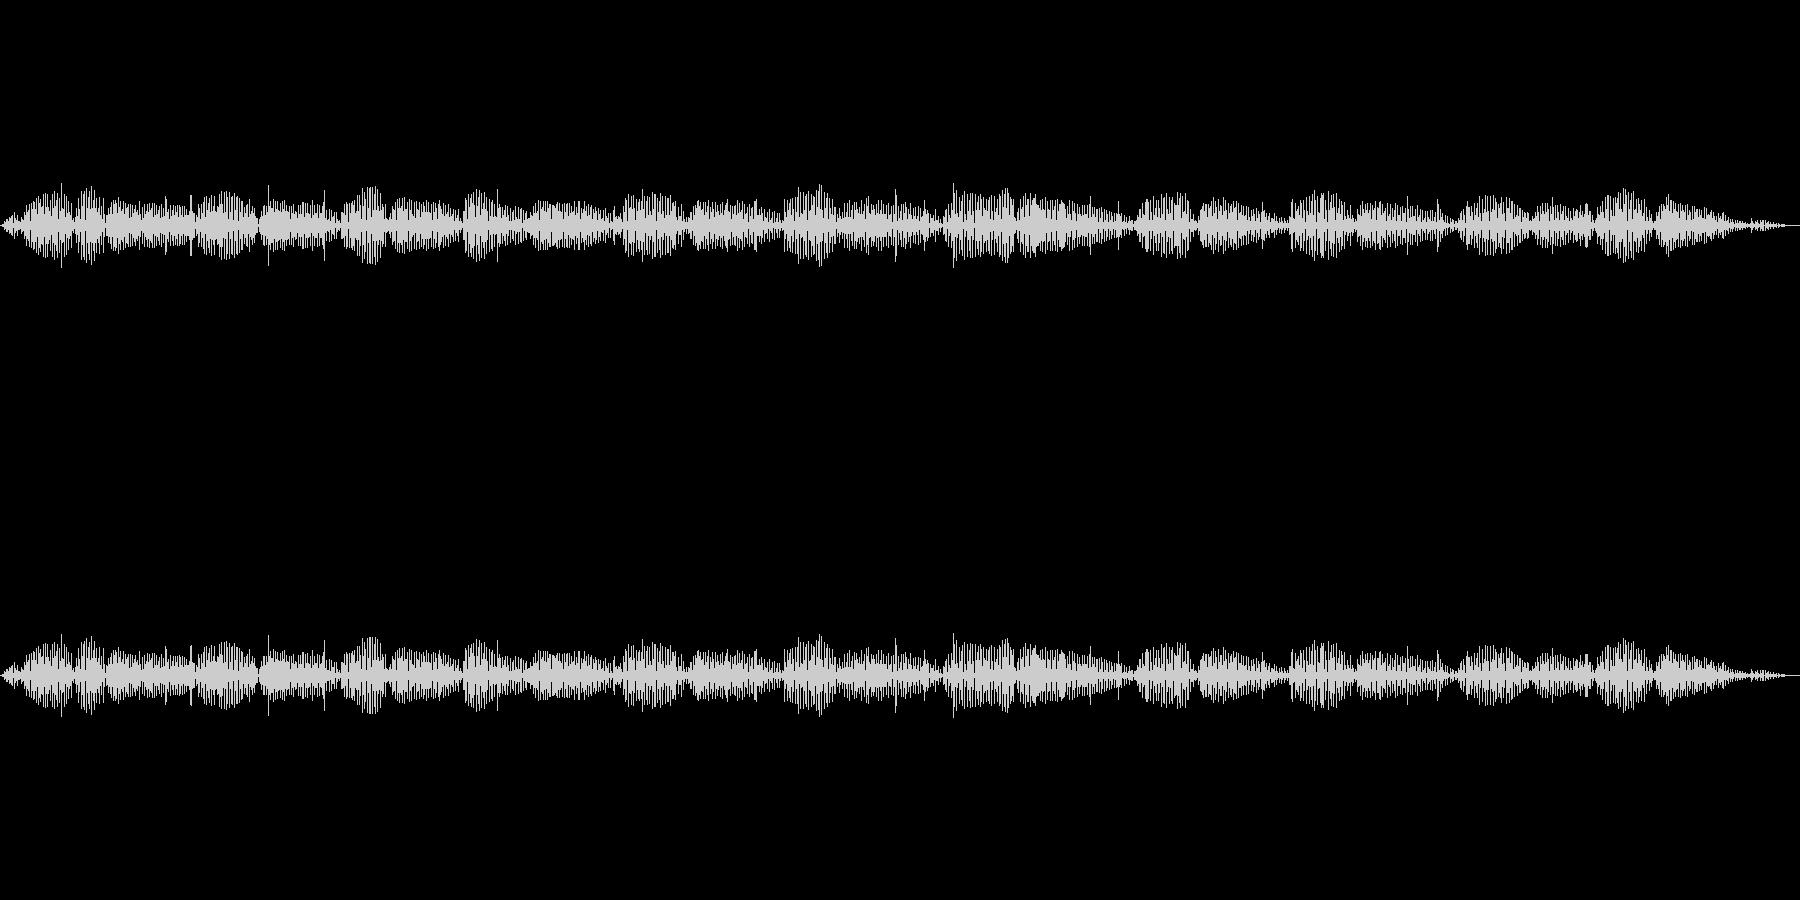 【特殊音】猫のゴロゴロ声の未再生の波形